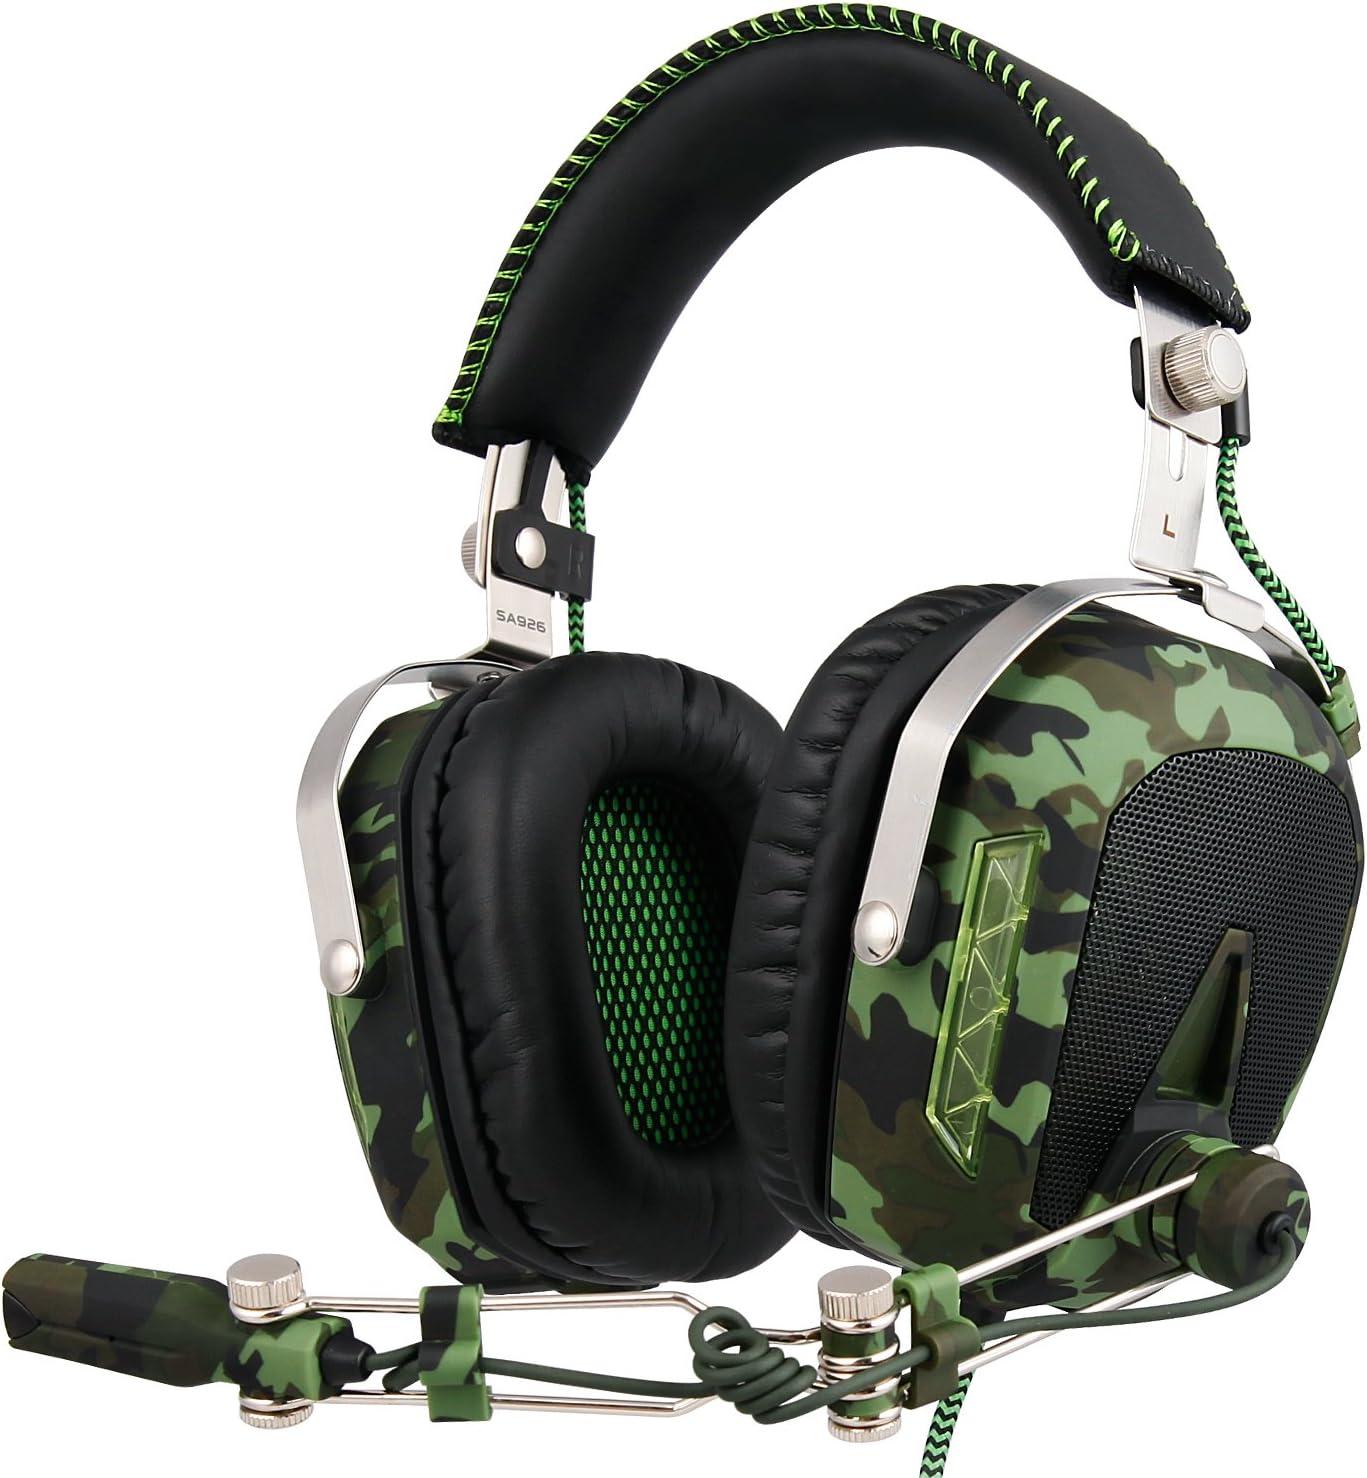 SADES SA929 Gaming Headset para PS4 Xbox One PC 7.1 Sonido envolvente virtual Channel Conversión de audio Auriculares, cancelación de ruido y control de volumen [playstation_4]: Amazon.es: Electrónica